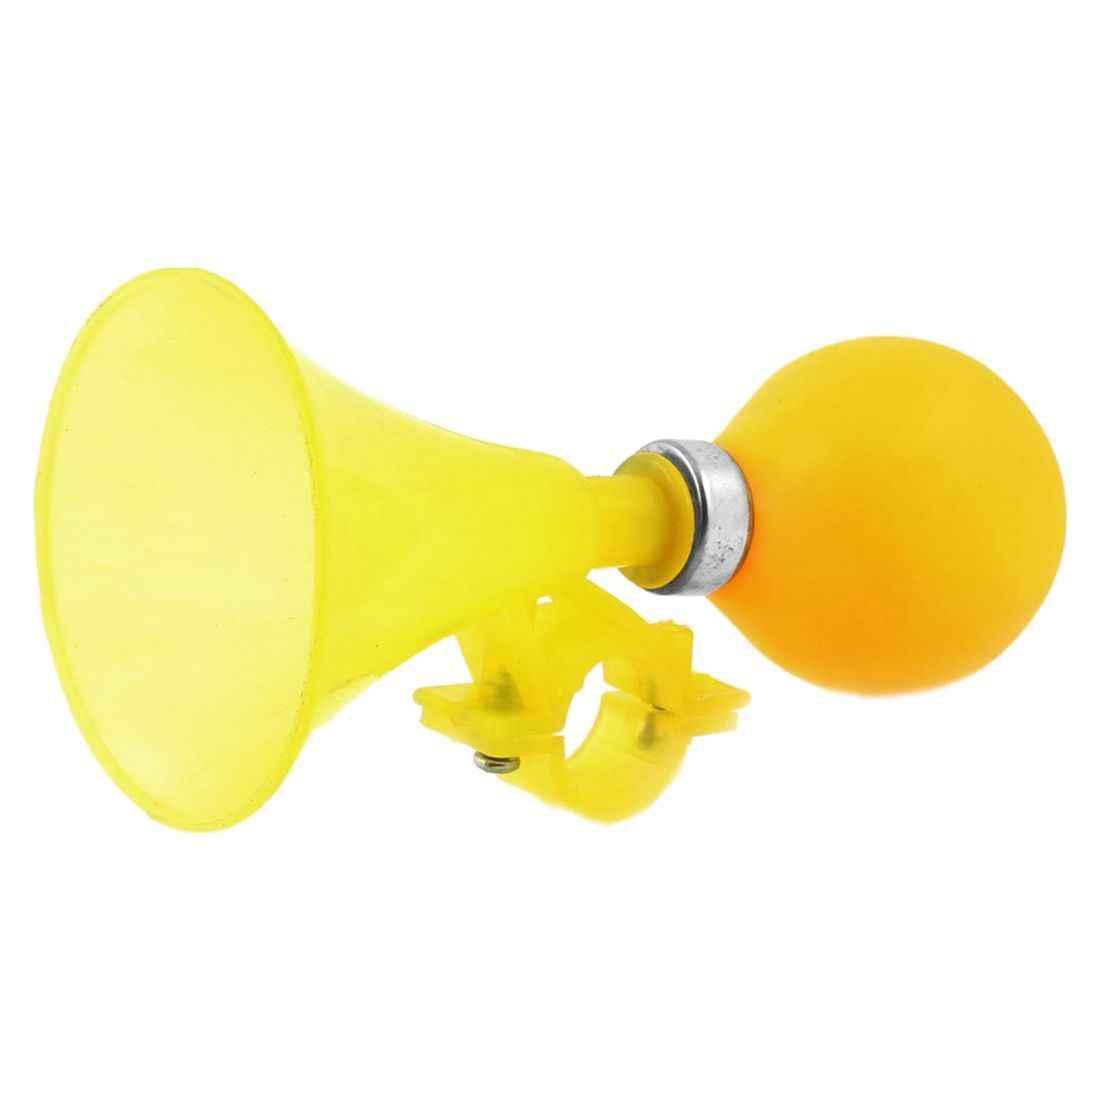 Желтая резиновая клизма 24 мм Диаметр пластиковая застежка рог труба для